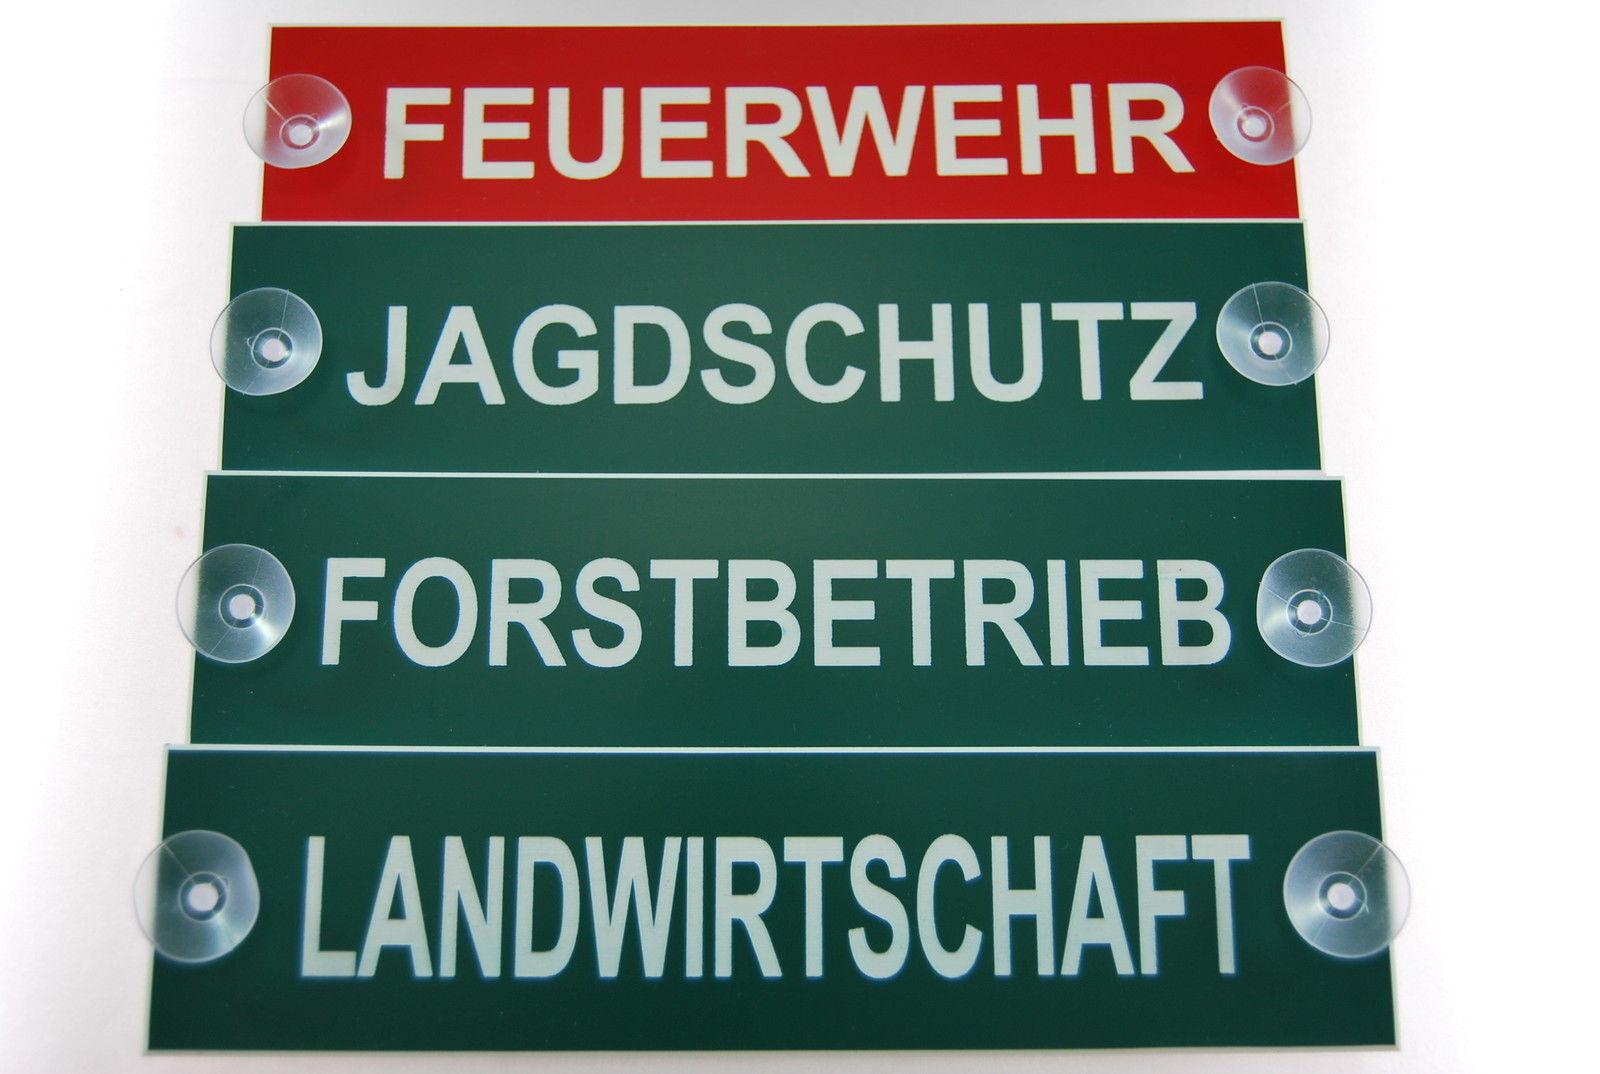 Schild Jagdschutz,Landwirtschaft,Forstbetrieb,Feuerwehr